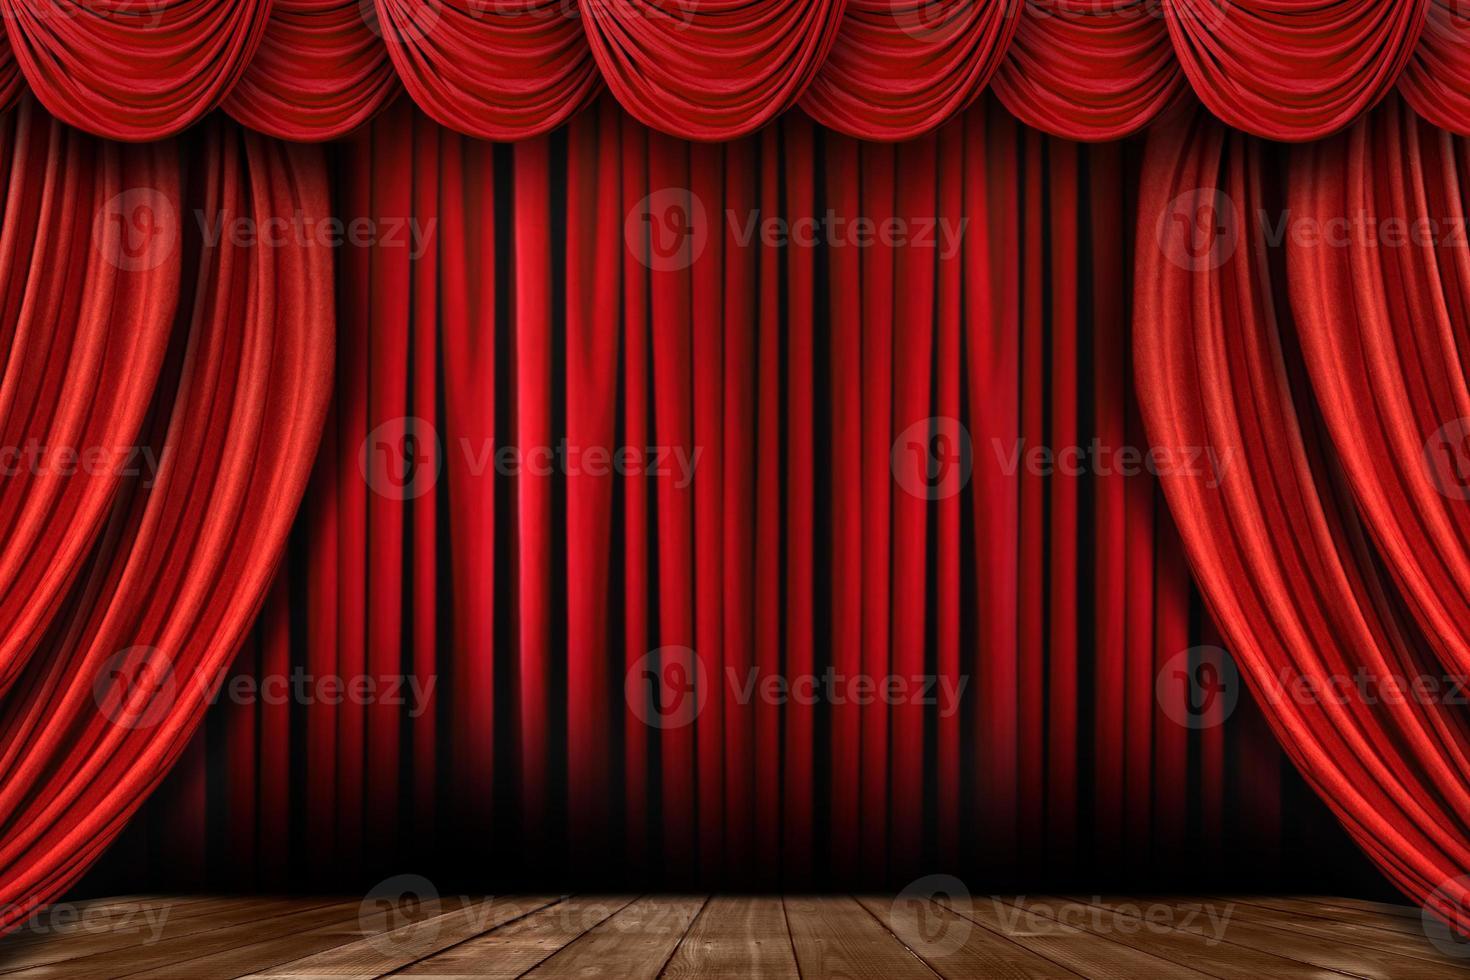 leuchtend rote Bühnenvorhänge mit vielen Swags foto